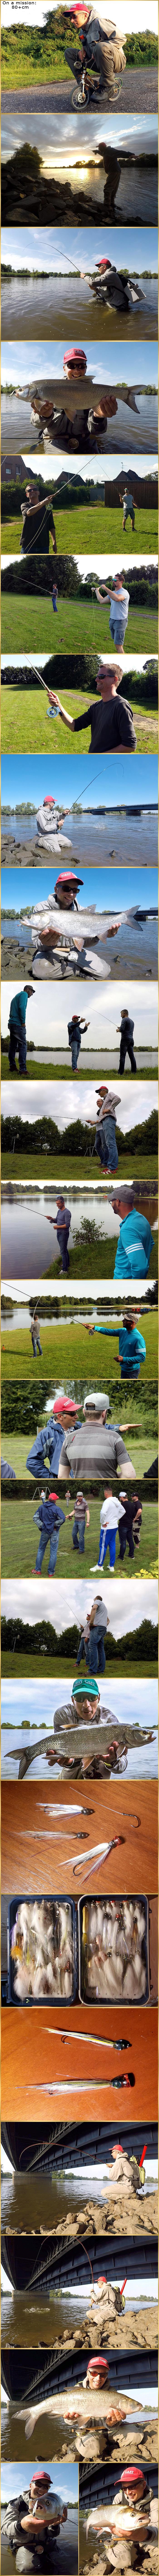 fly fishing asp bernd ziesche